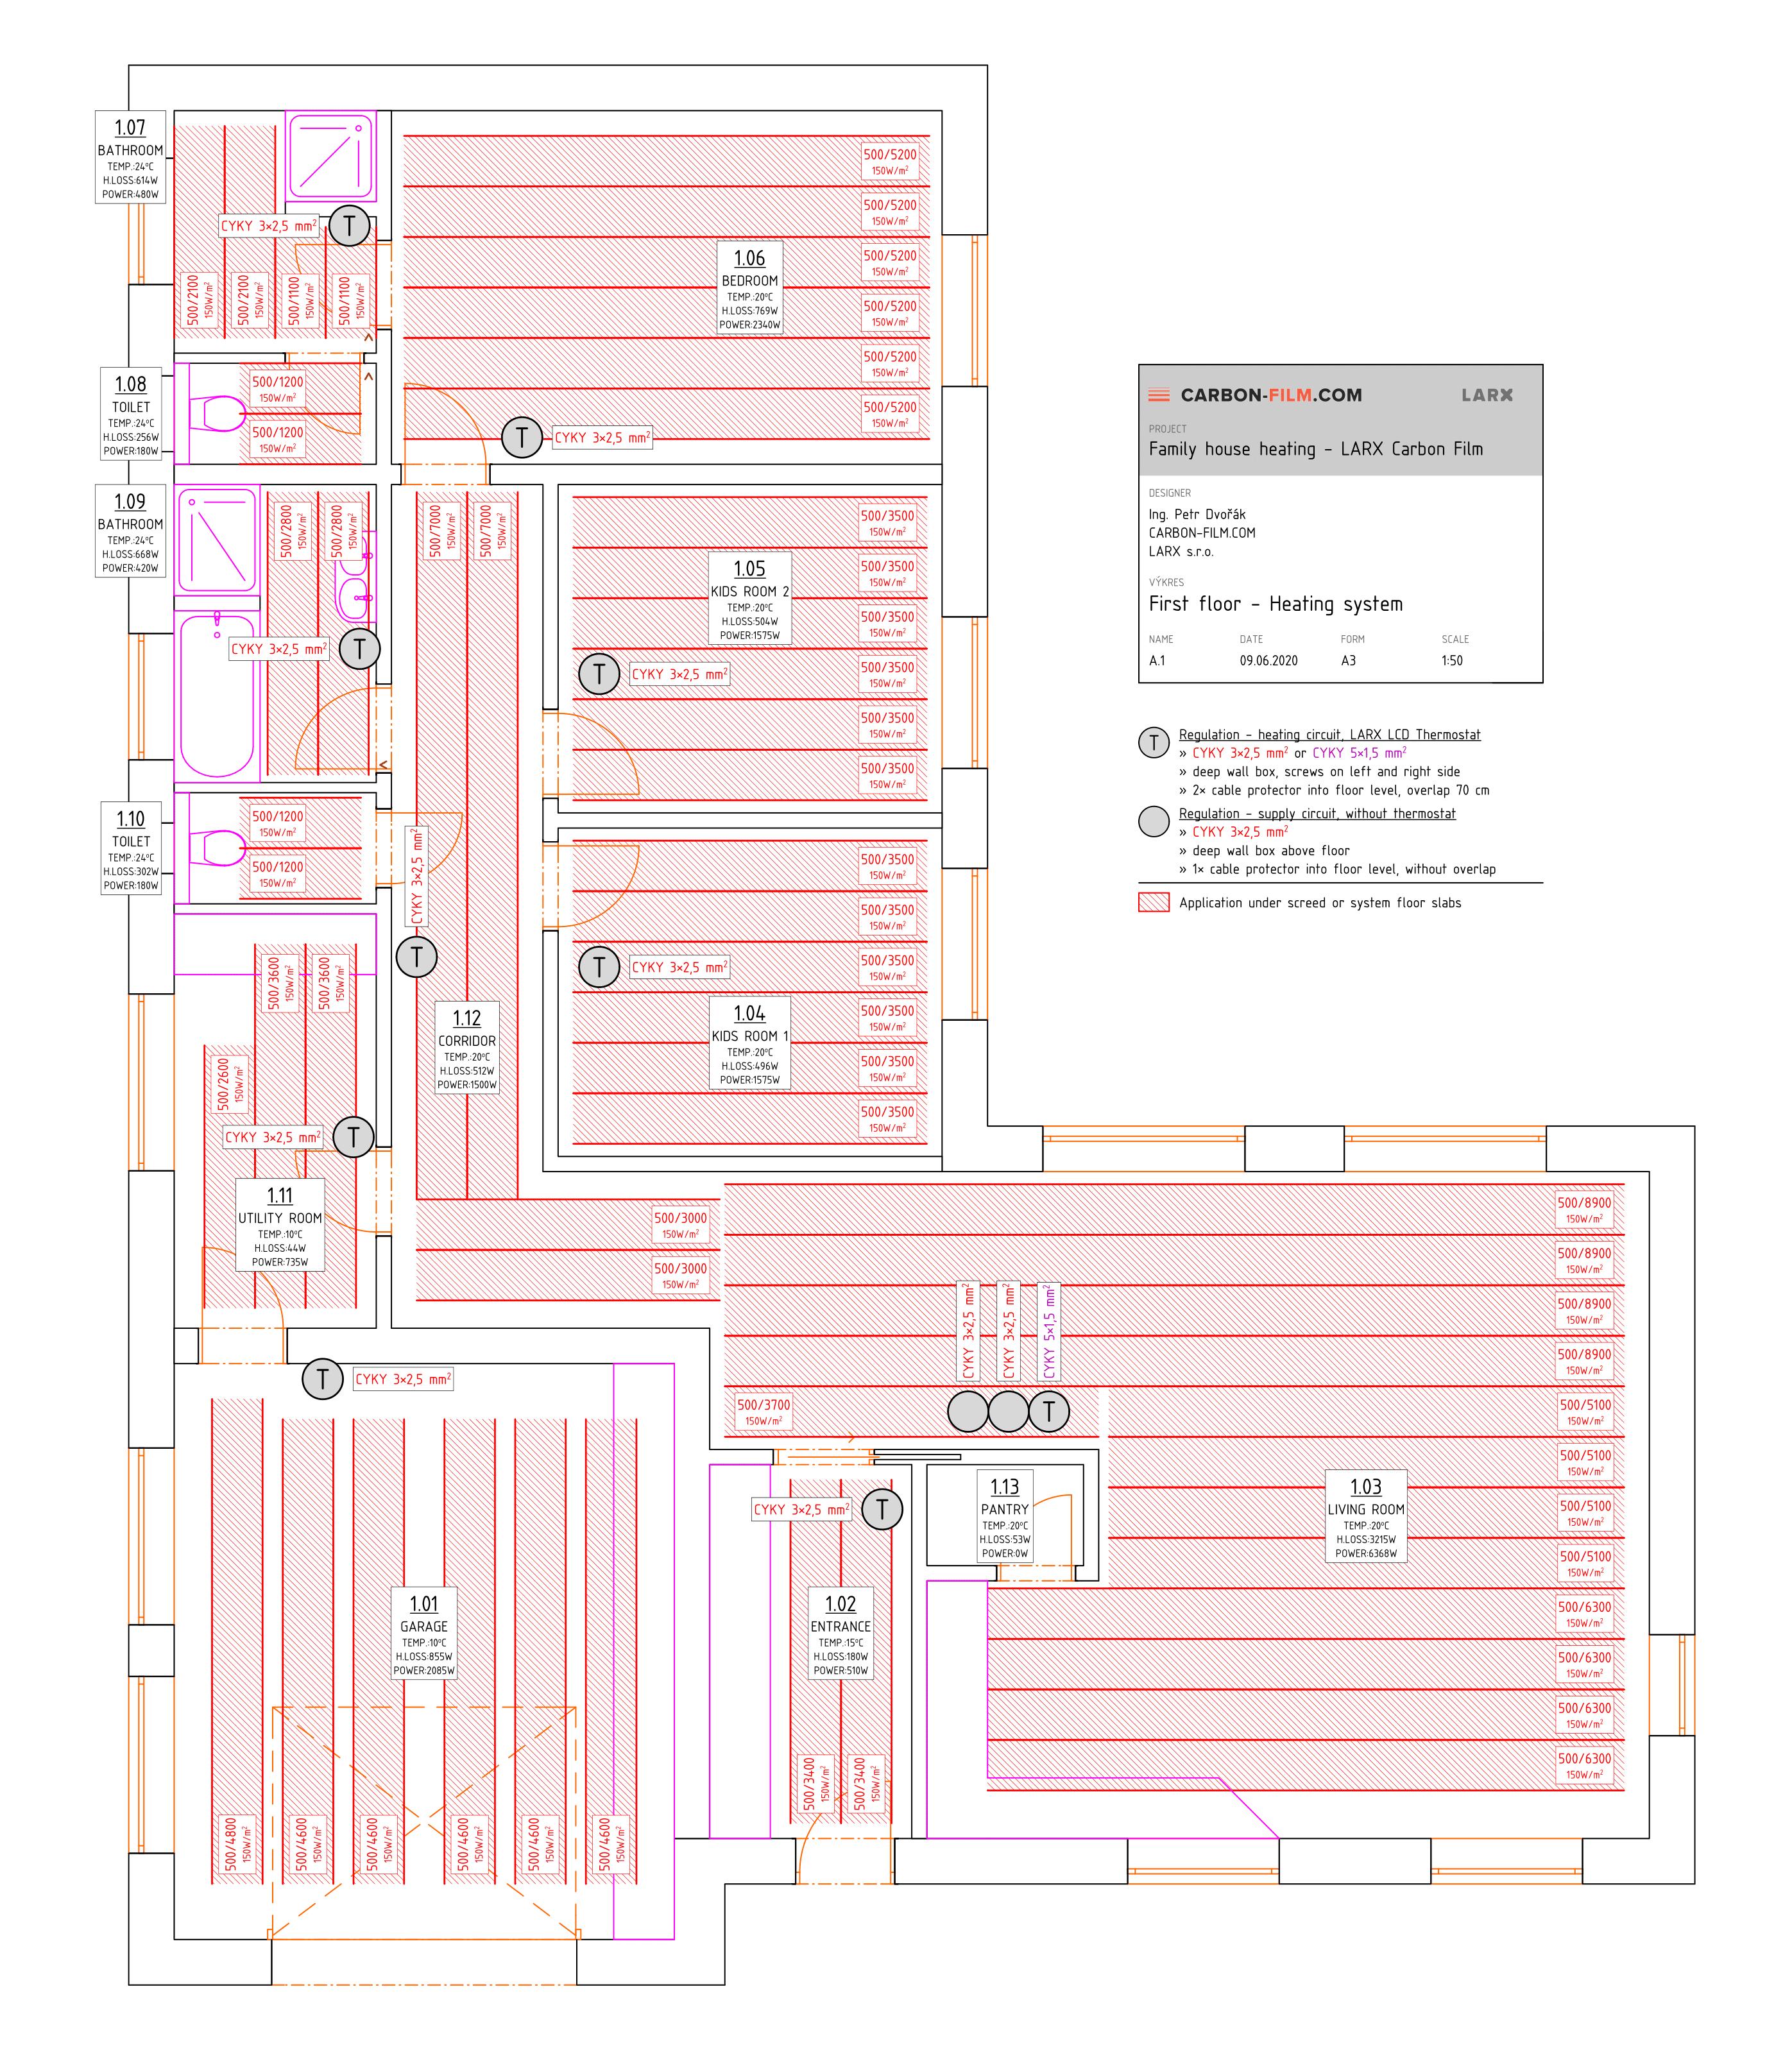 Systém vykurovania LARX CARBON-FILM.COM pre projektantov